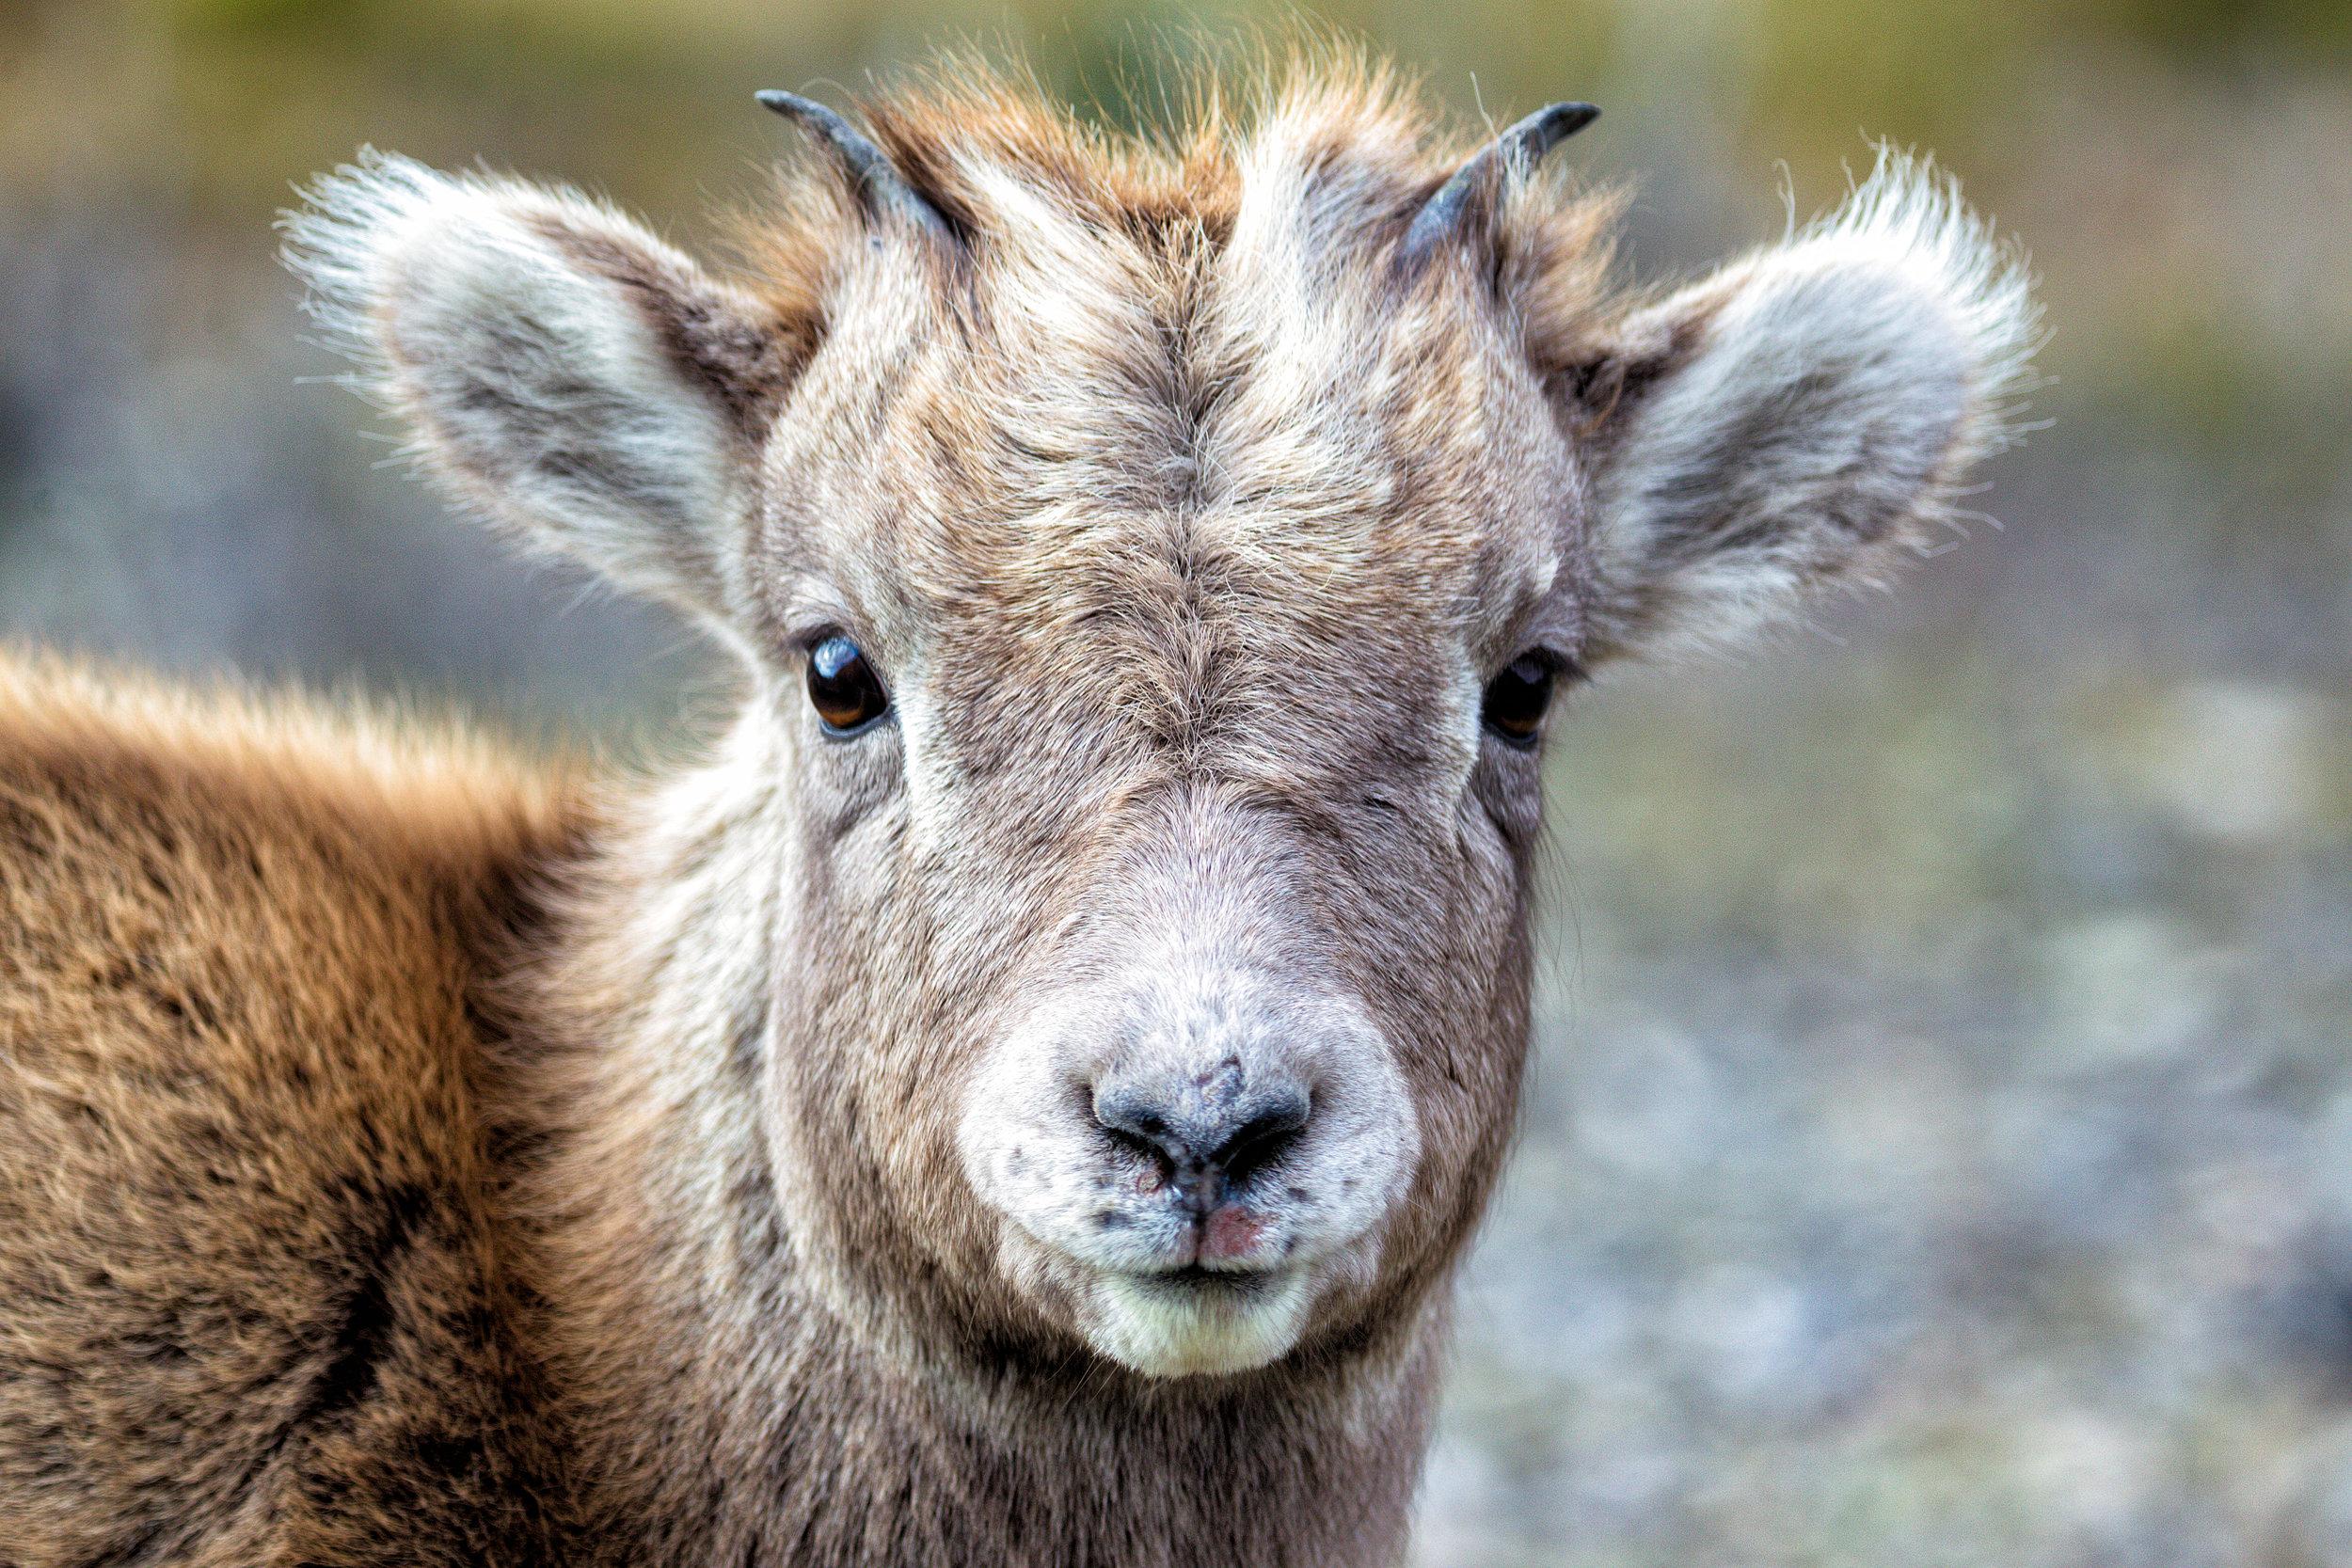 Baby-Goat-Face.jpg